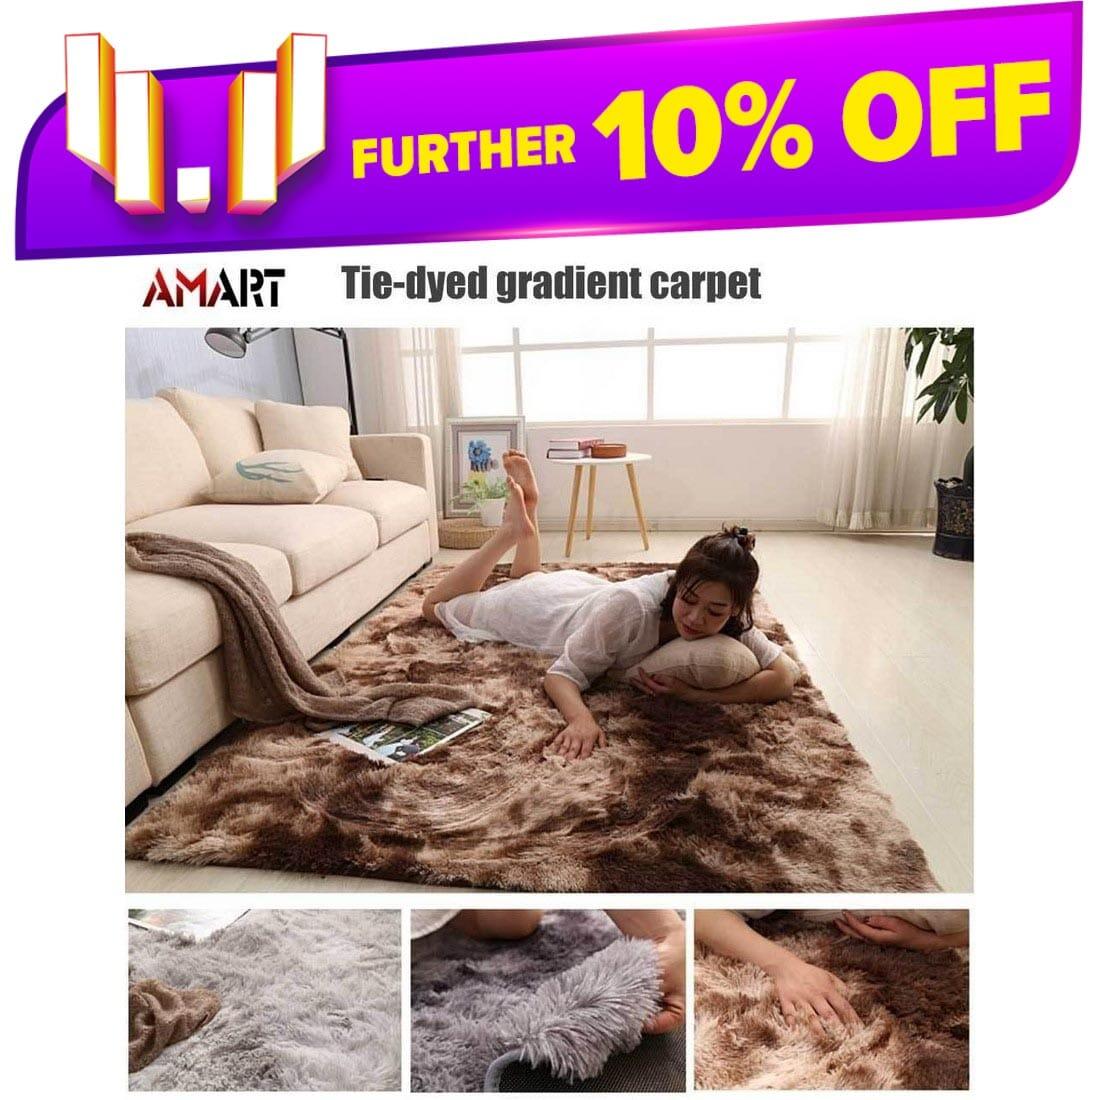 Floor Carpet Price In Sri Lanka Carpets In Sri Lanka Price List 2019